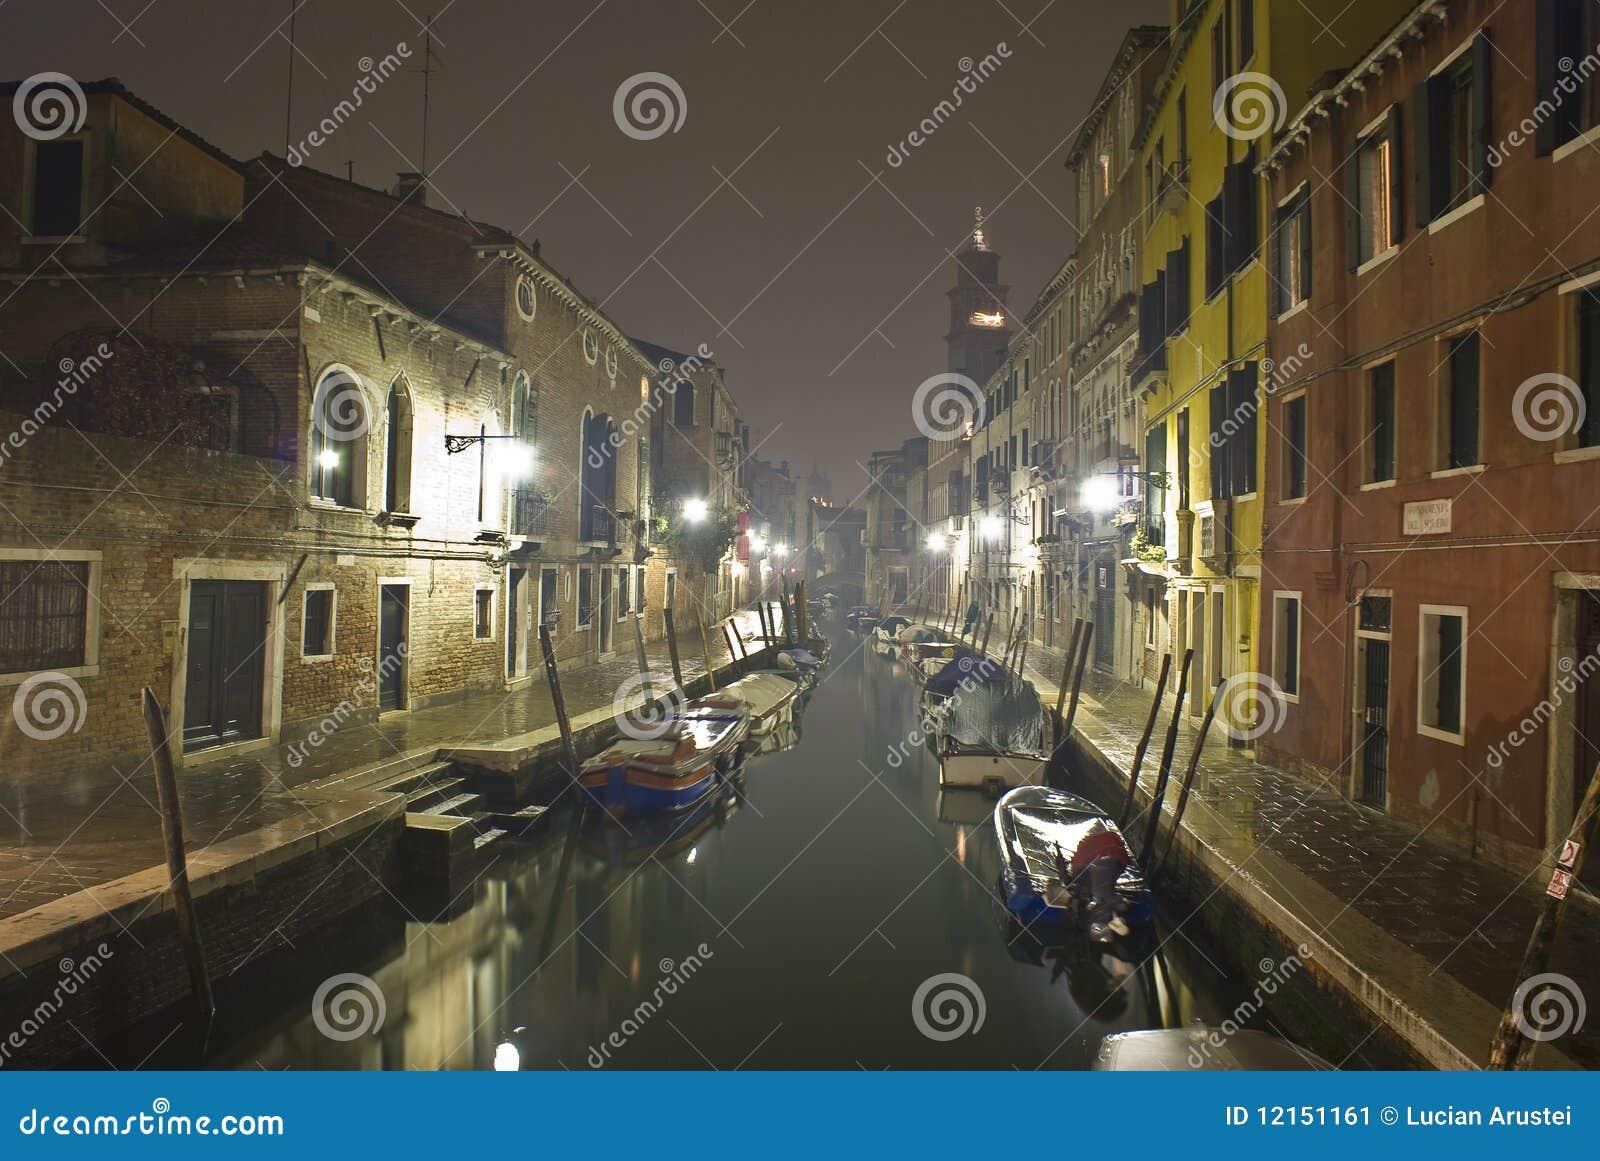 Canale veneziano alla notte.